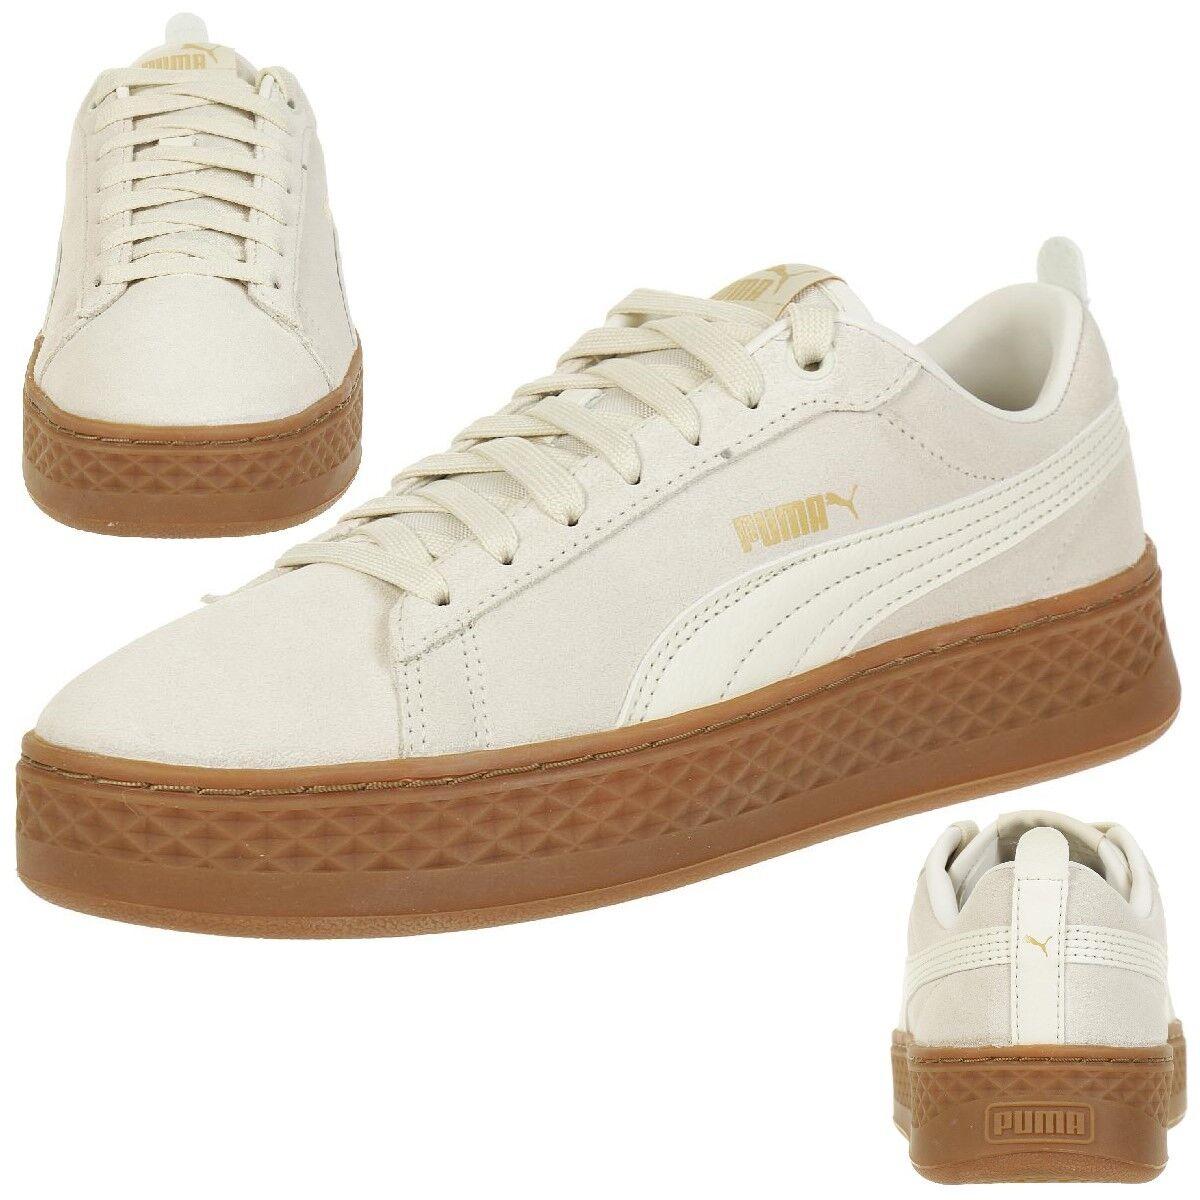 Zapatos promocionales para hombres y mujeres Puma Smash Plataforma L Deportivas De Cuero Zapatos Mujer 366487 02 blanco